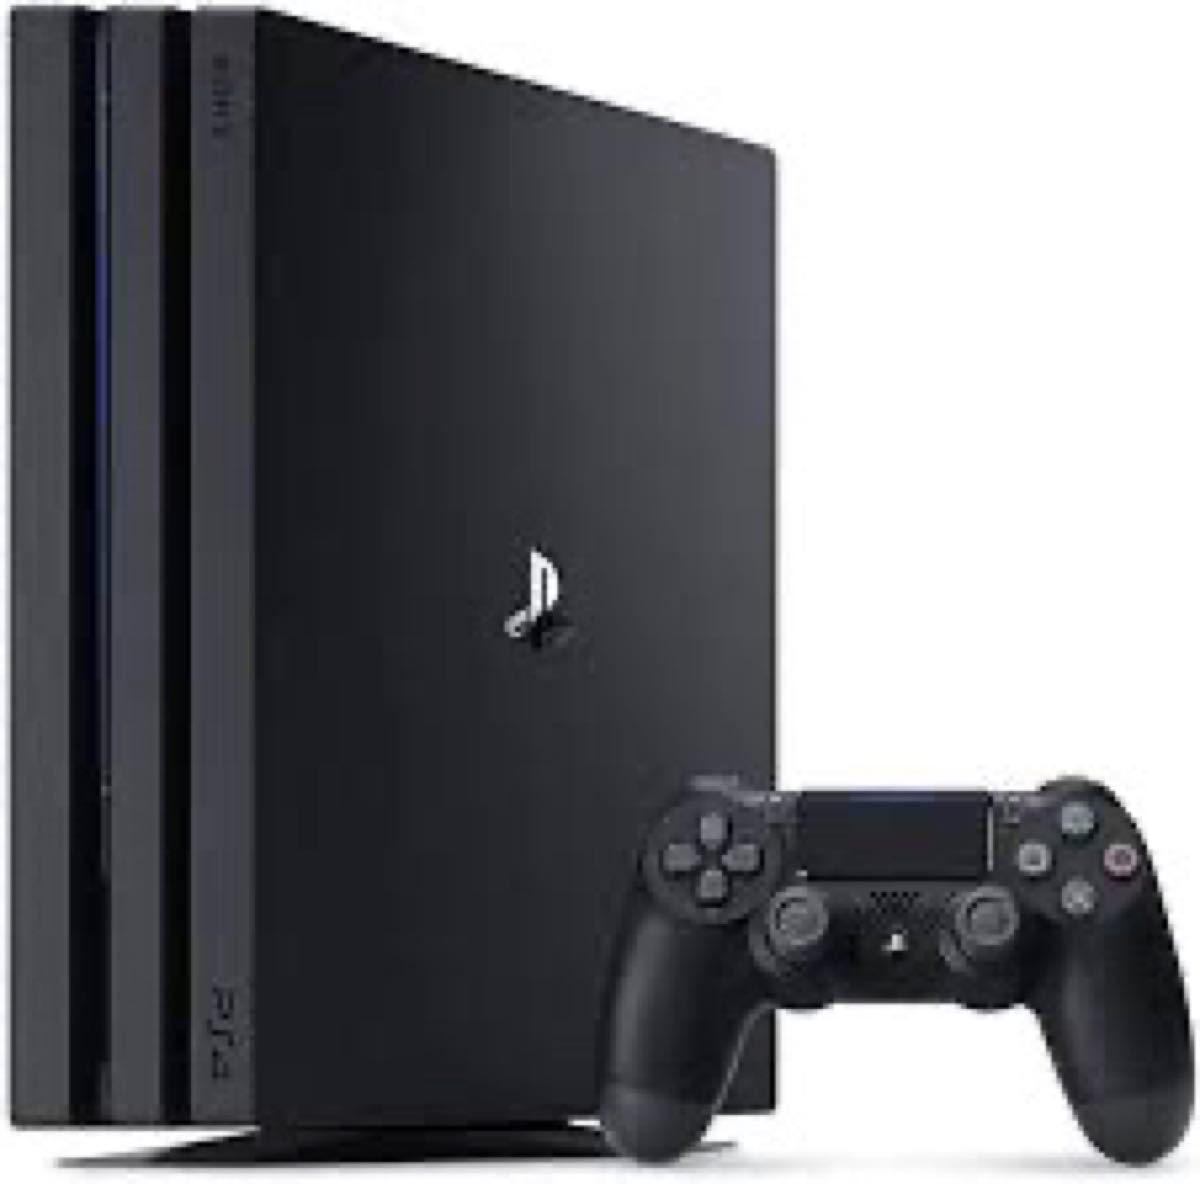 新品 ソニー・インタラクティブエンタテインメント PlayStation 4 Pro ジェット・ブラック 1TB PS4